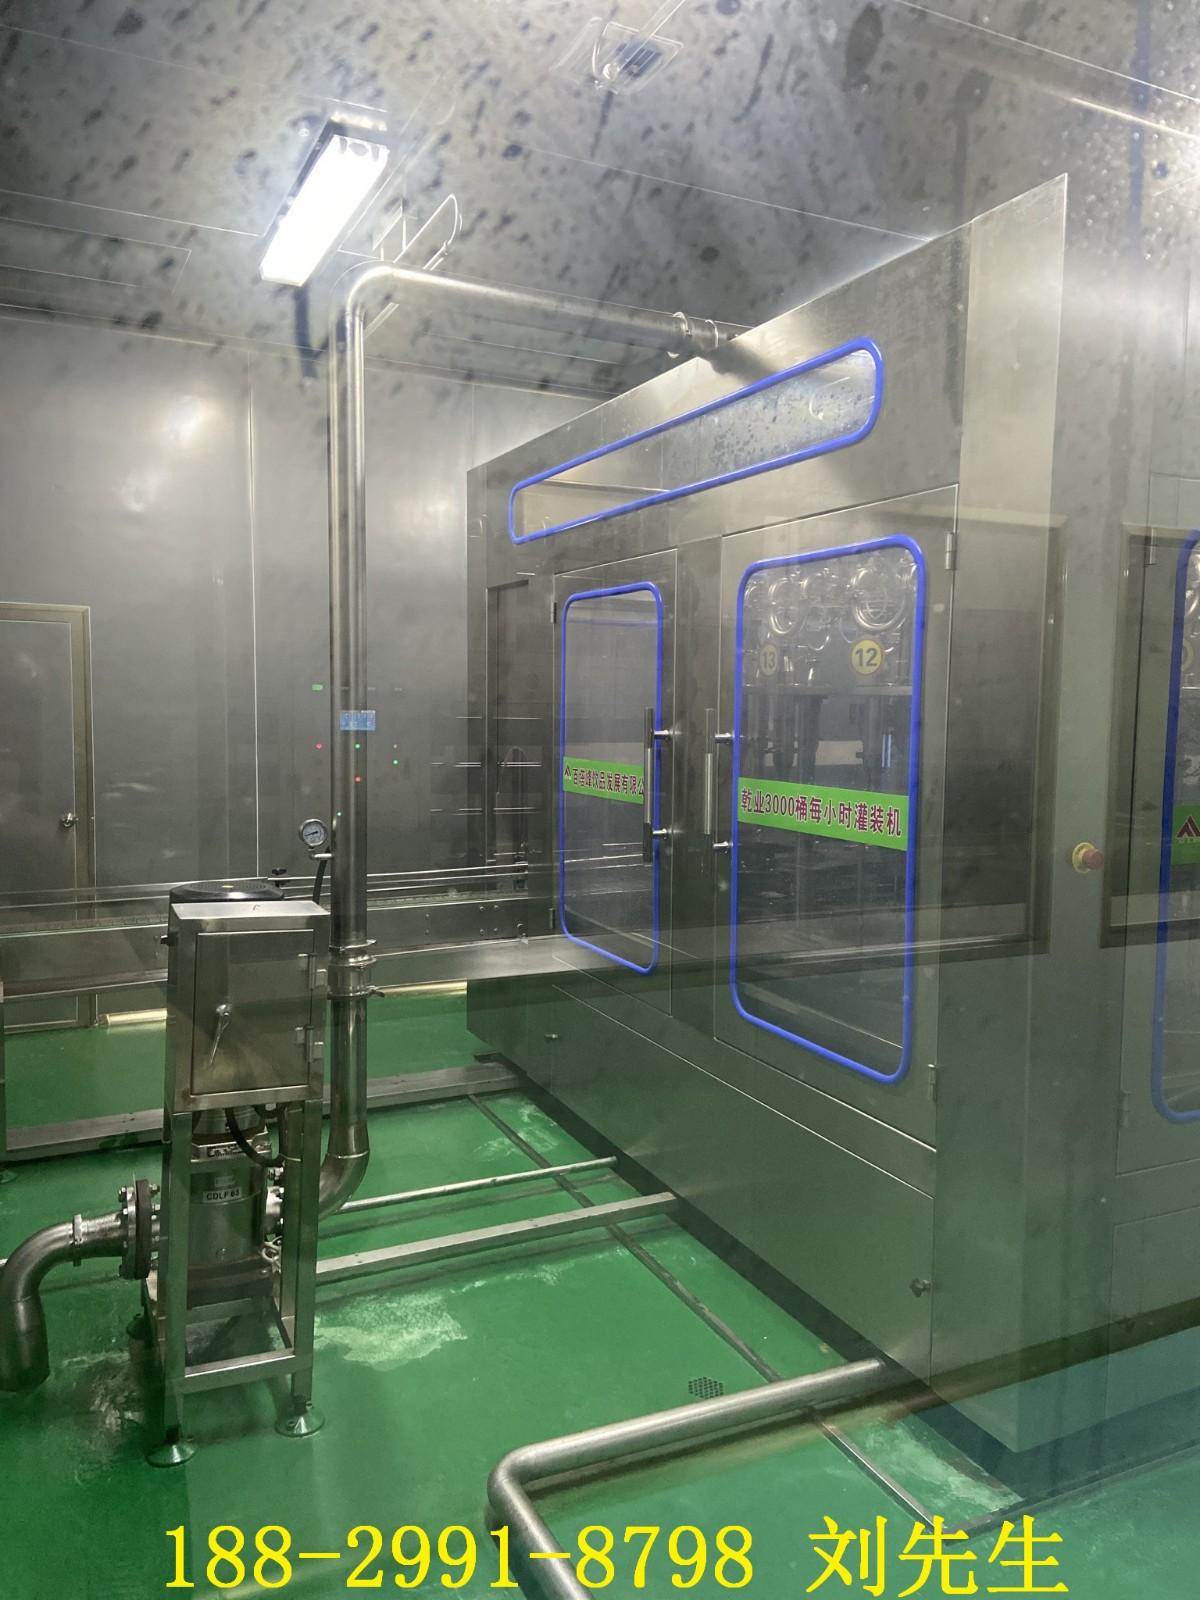 桶装水设备区域销量标杆 桶装水生产线排行榜 大桶水灌装包装自动化设备领头羊